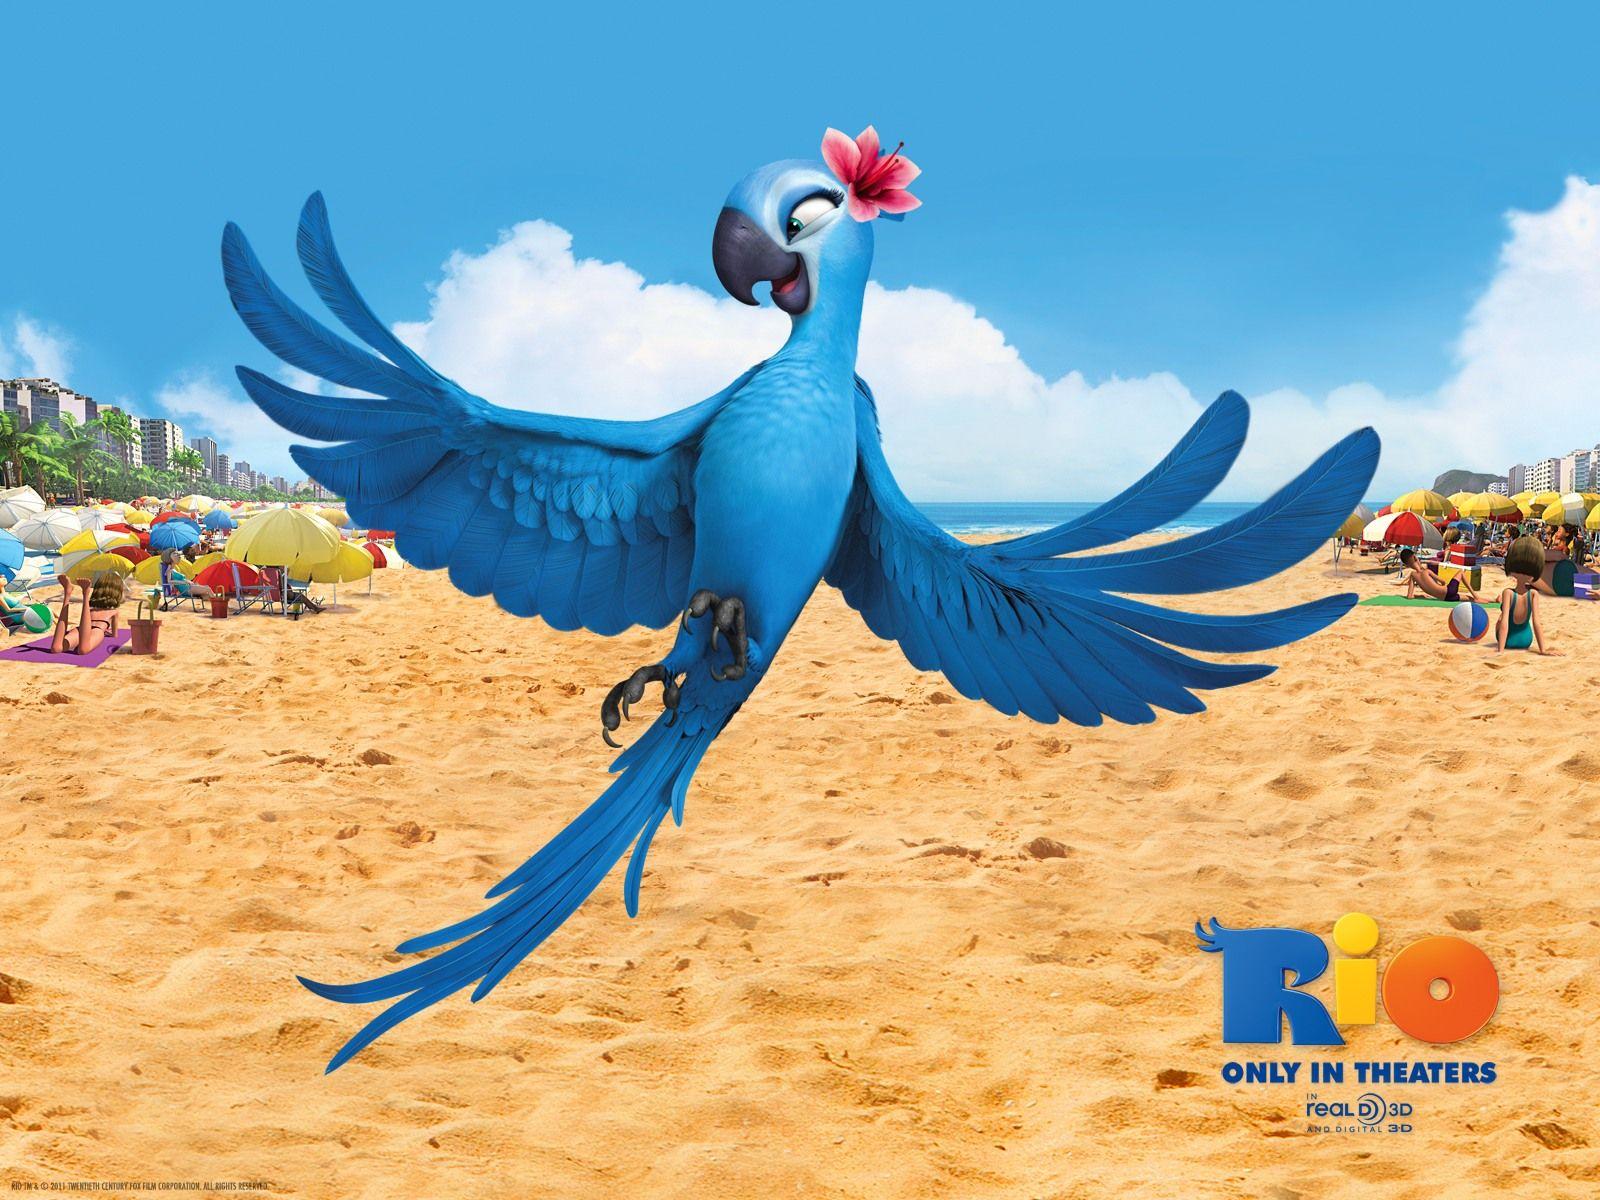 Jewel From Rio Westernunion Rio2 Http Www Riomovies Com Rio Movie Movie Wallpapers Animated Movies